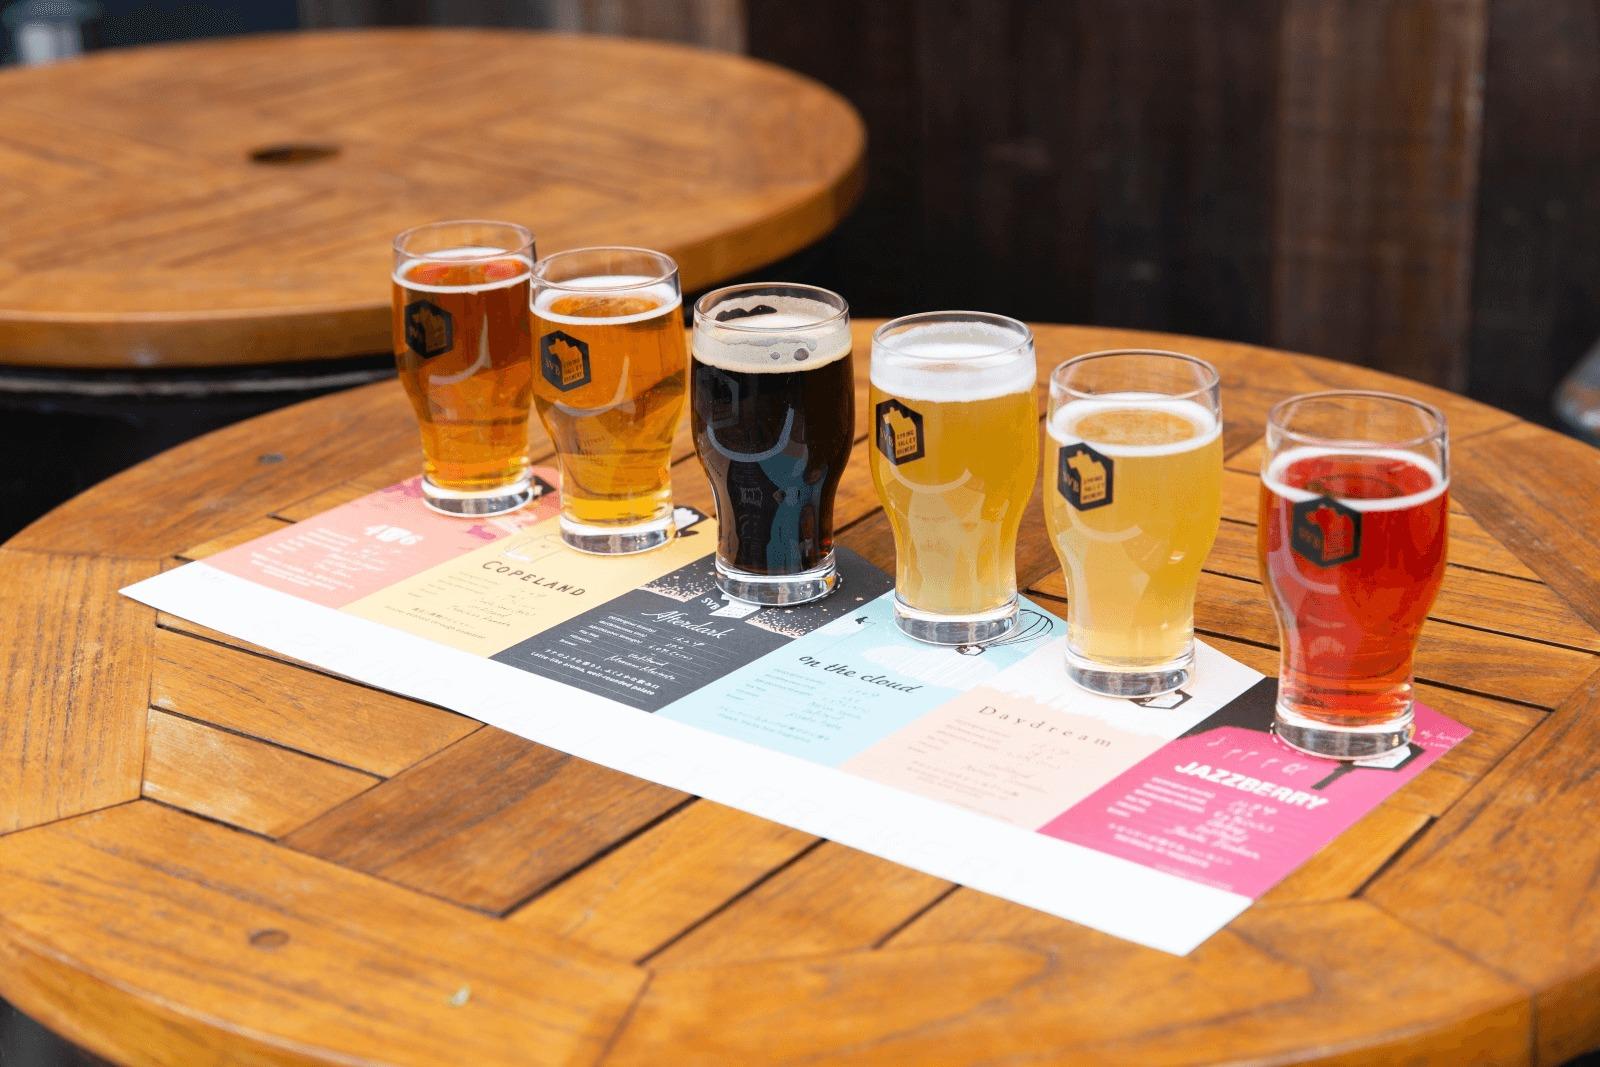 温度が変わればビールの味わいも変わる。温度を変えて新しいビール体験を